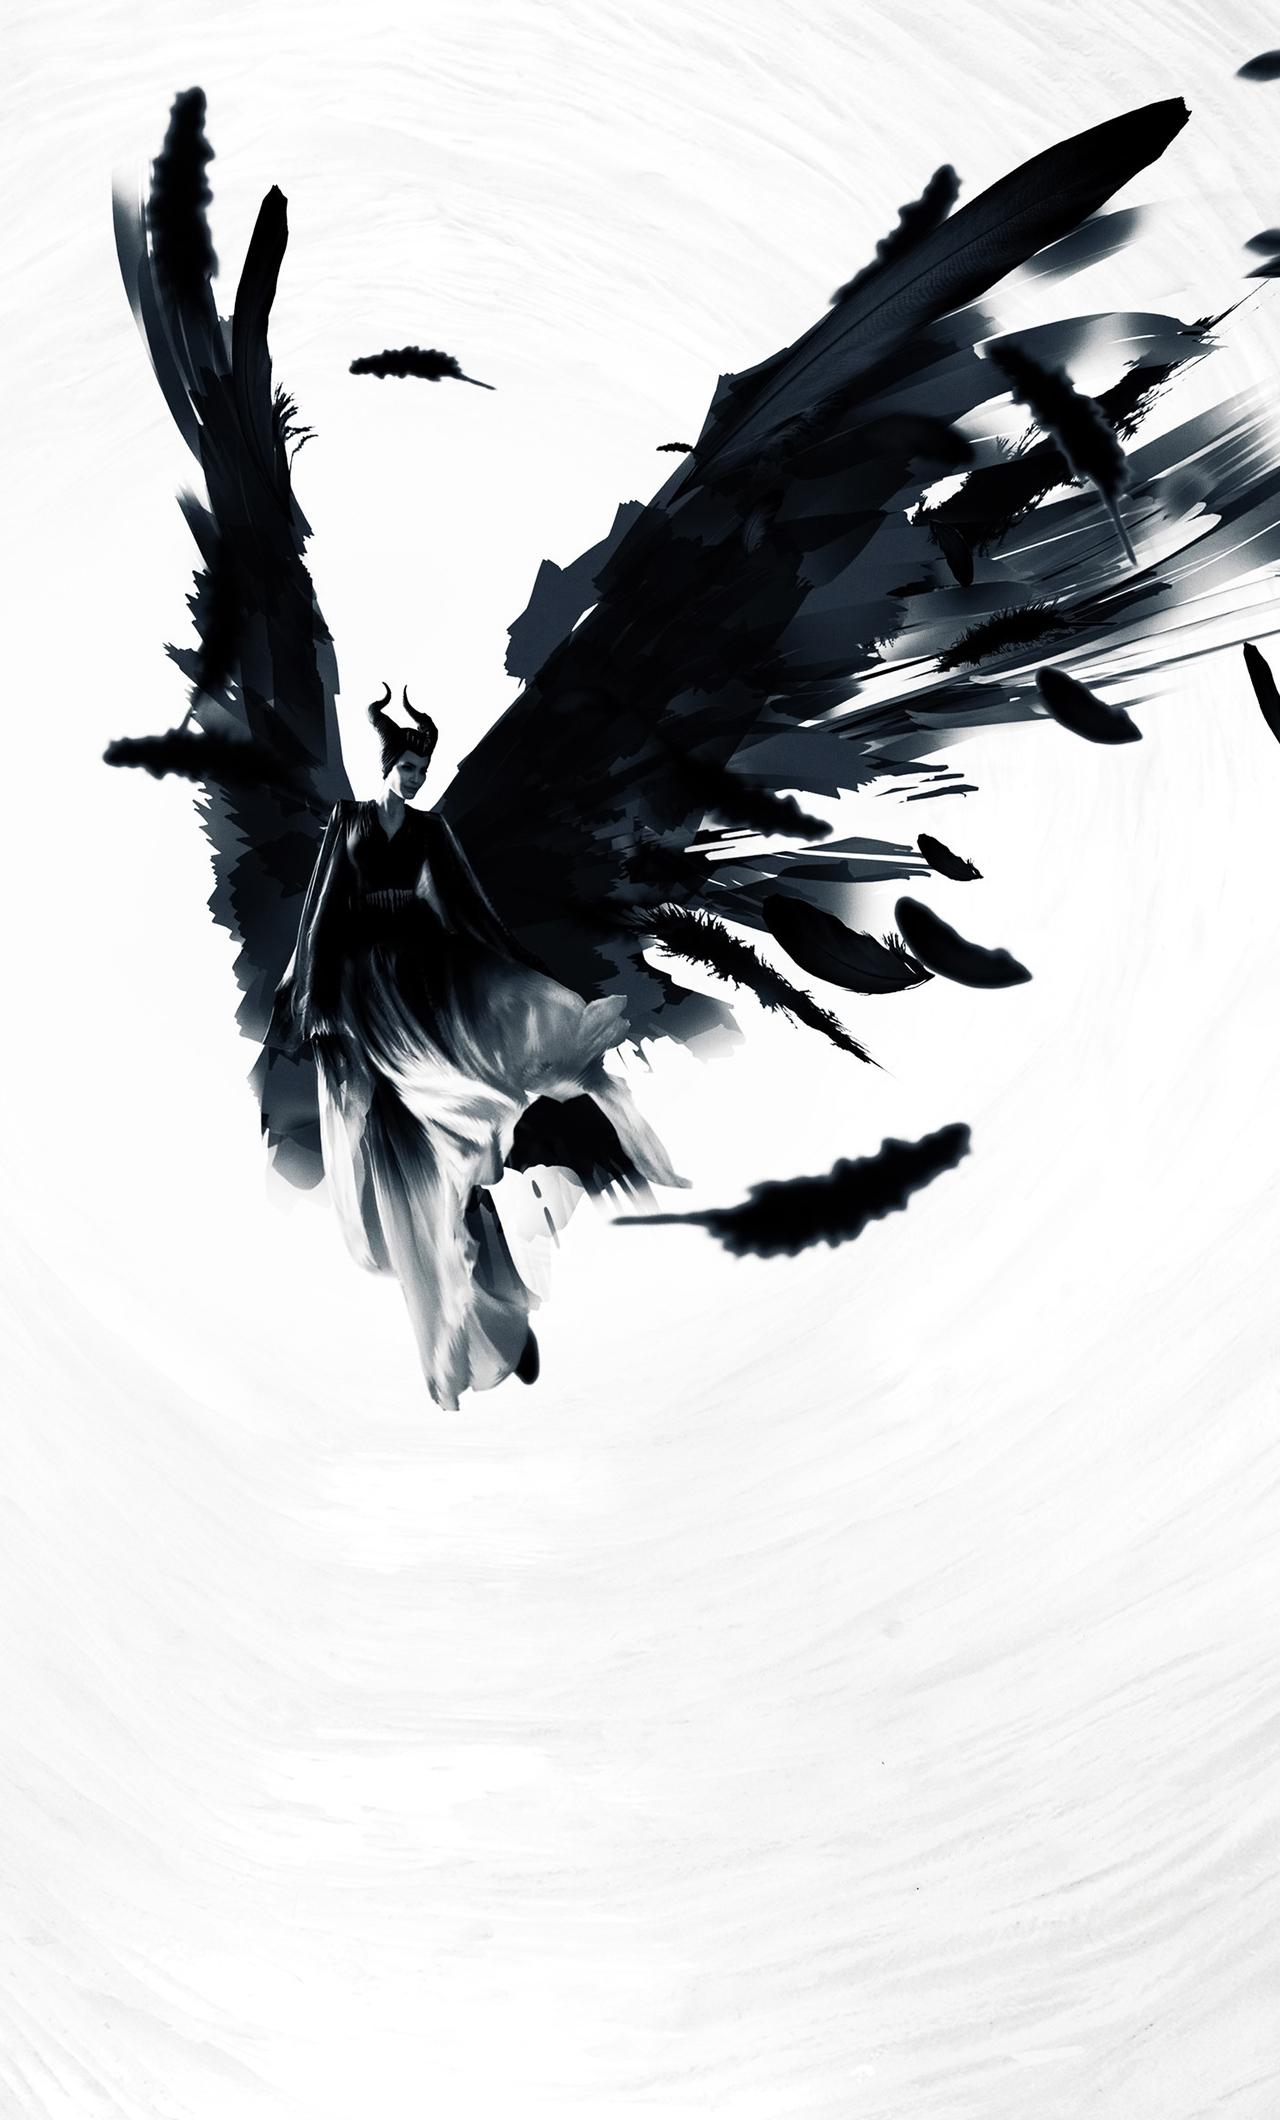 1280x2120 Maleficent Mistress Of Evil 4k Iphone 6 Hd 4k